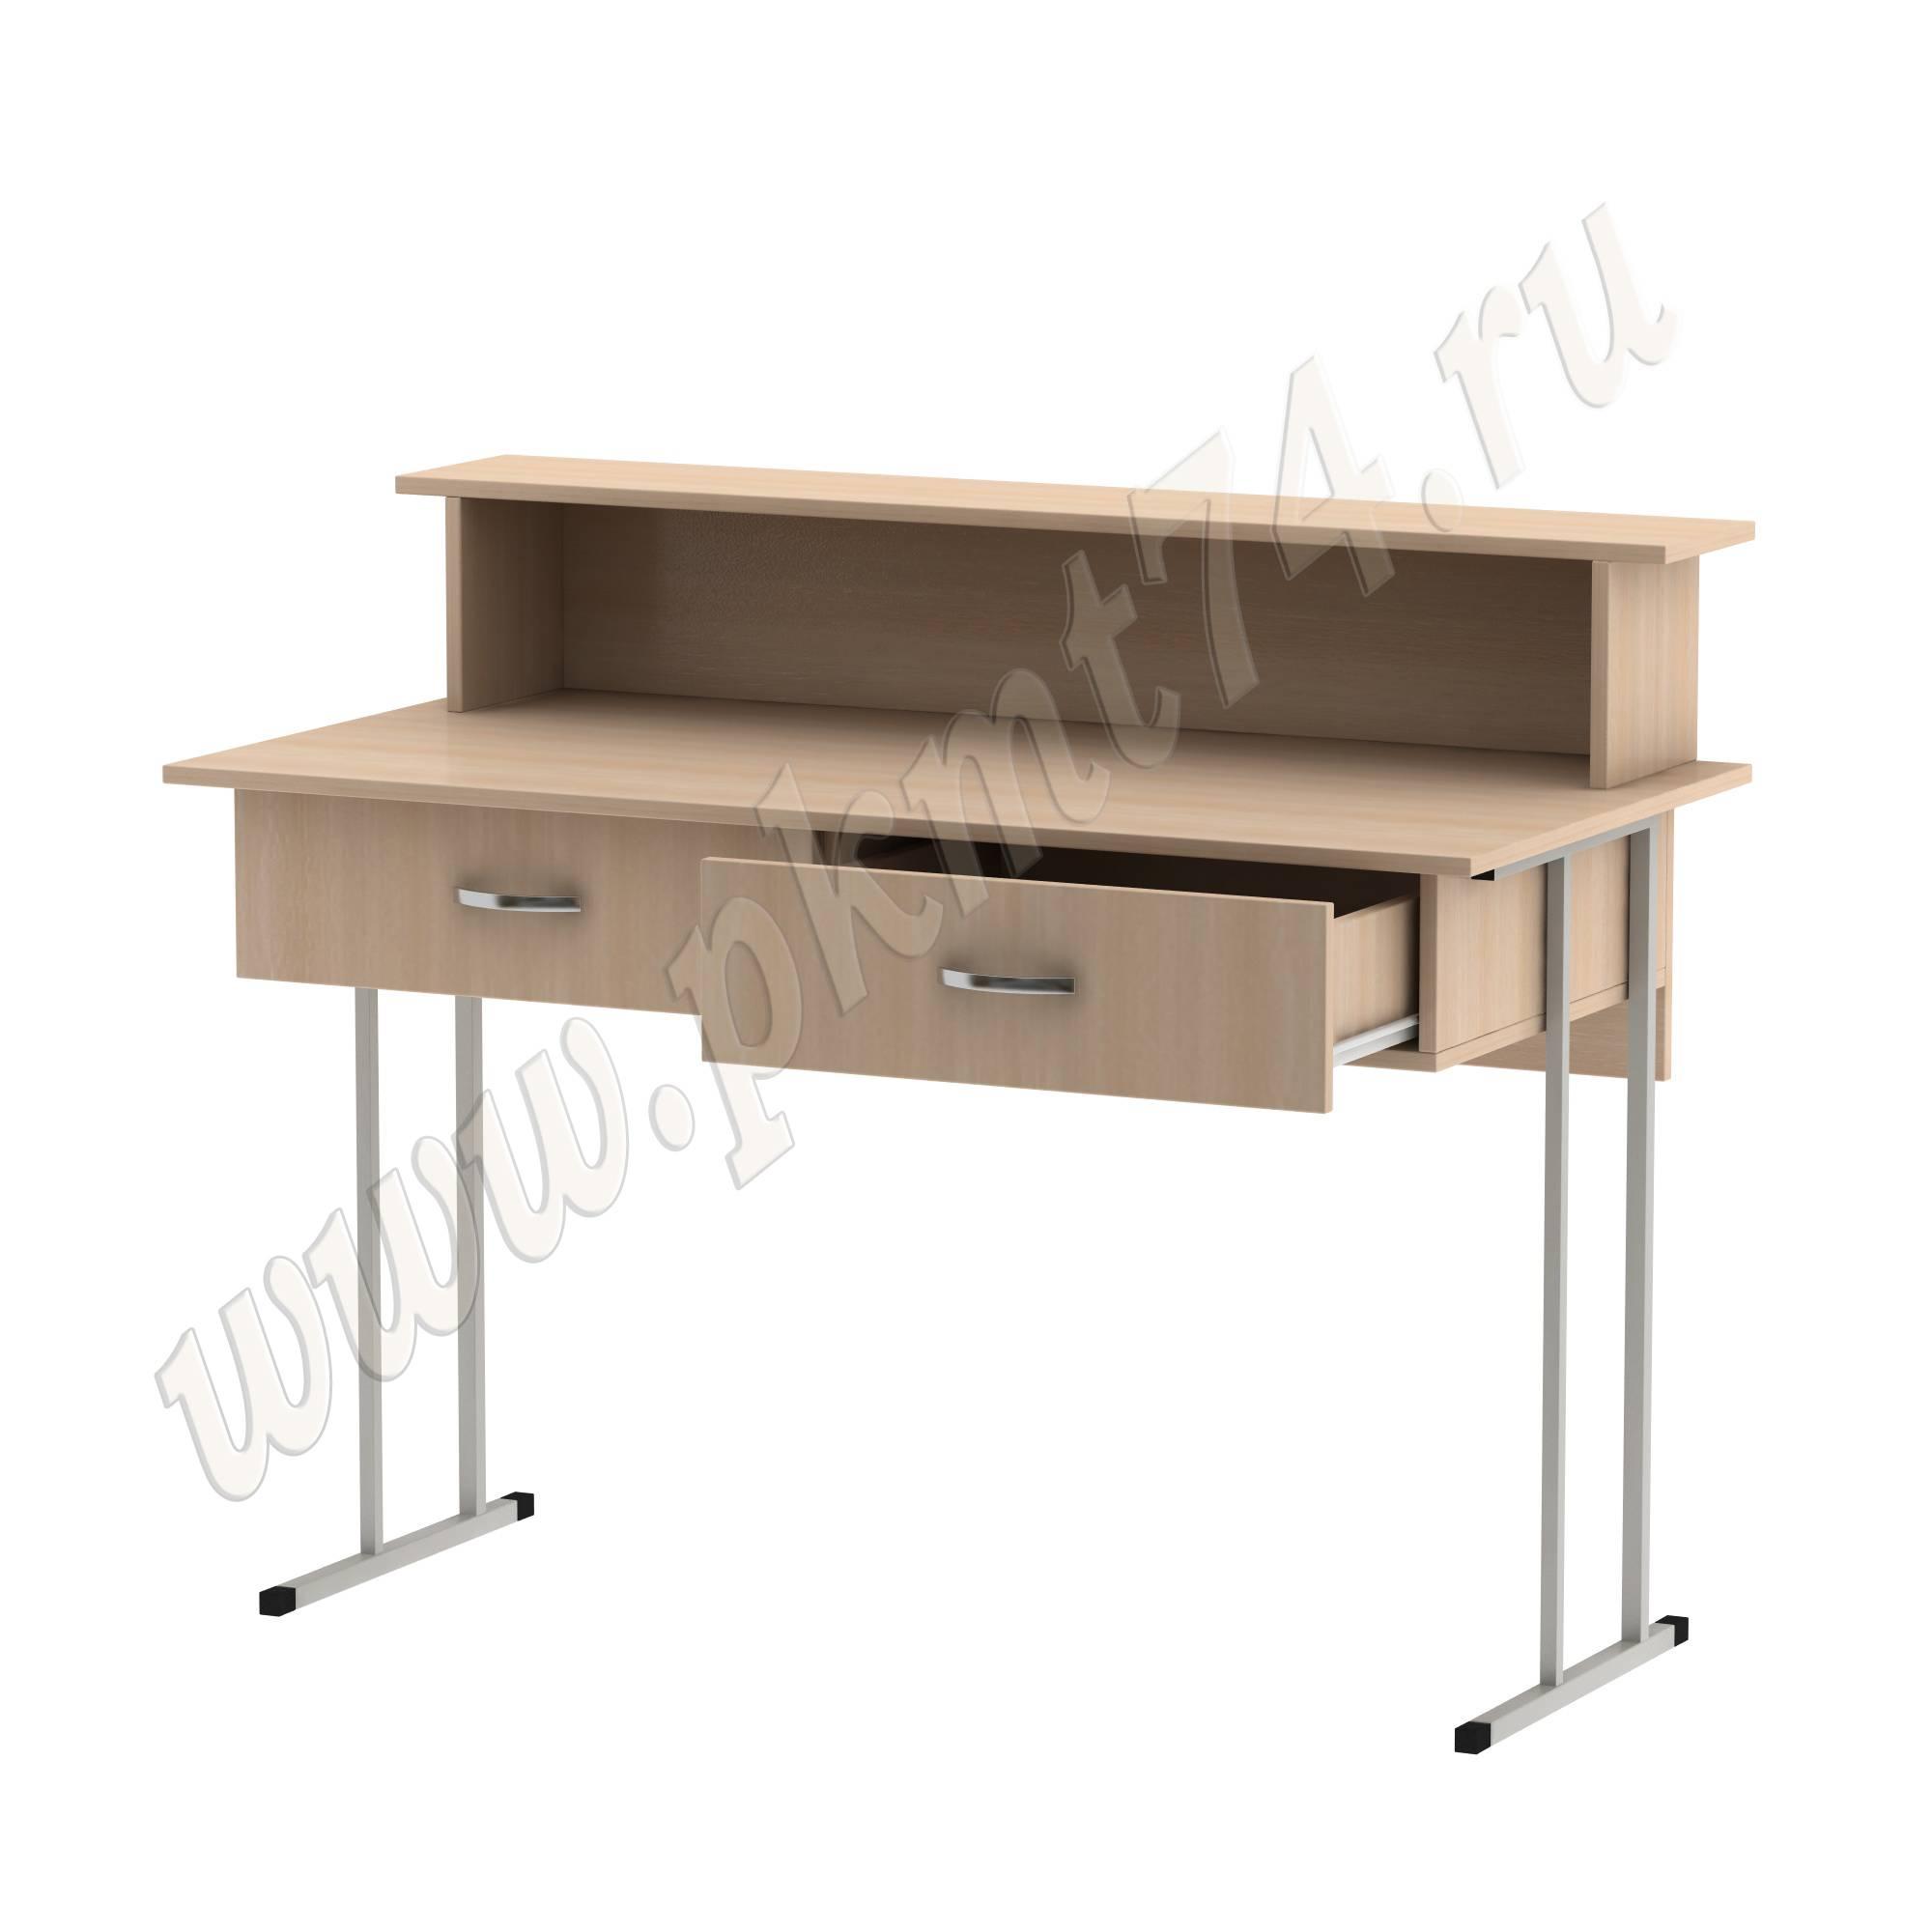 Стол барьер на металлокаркасе [Цвет ЛДСП:: дуб Молочный]